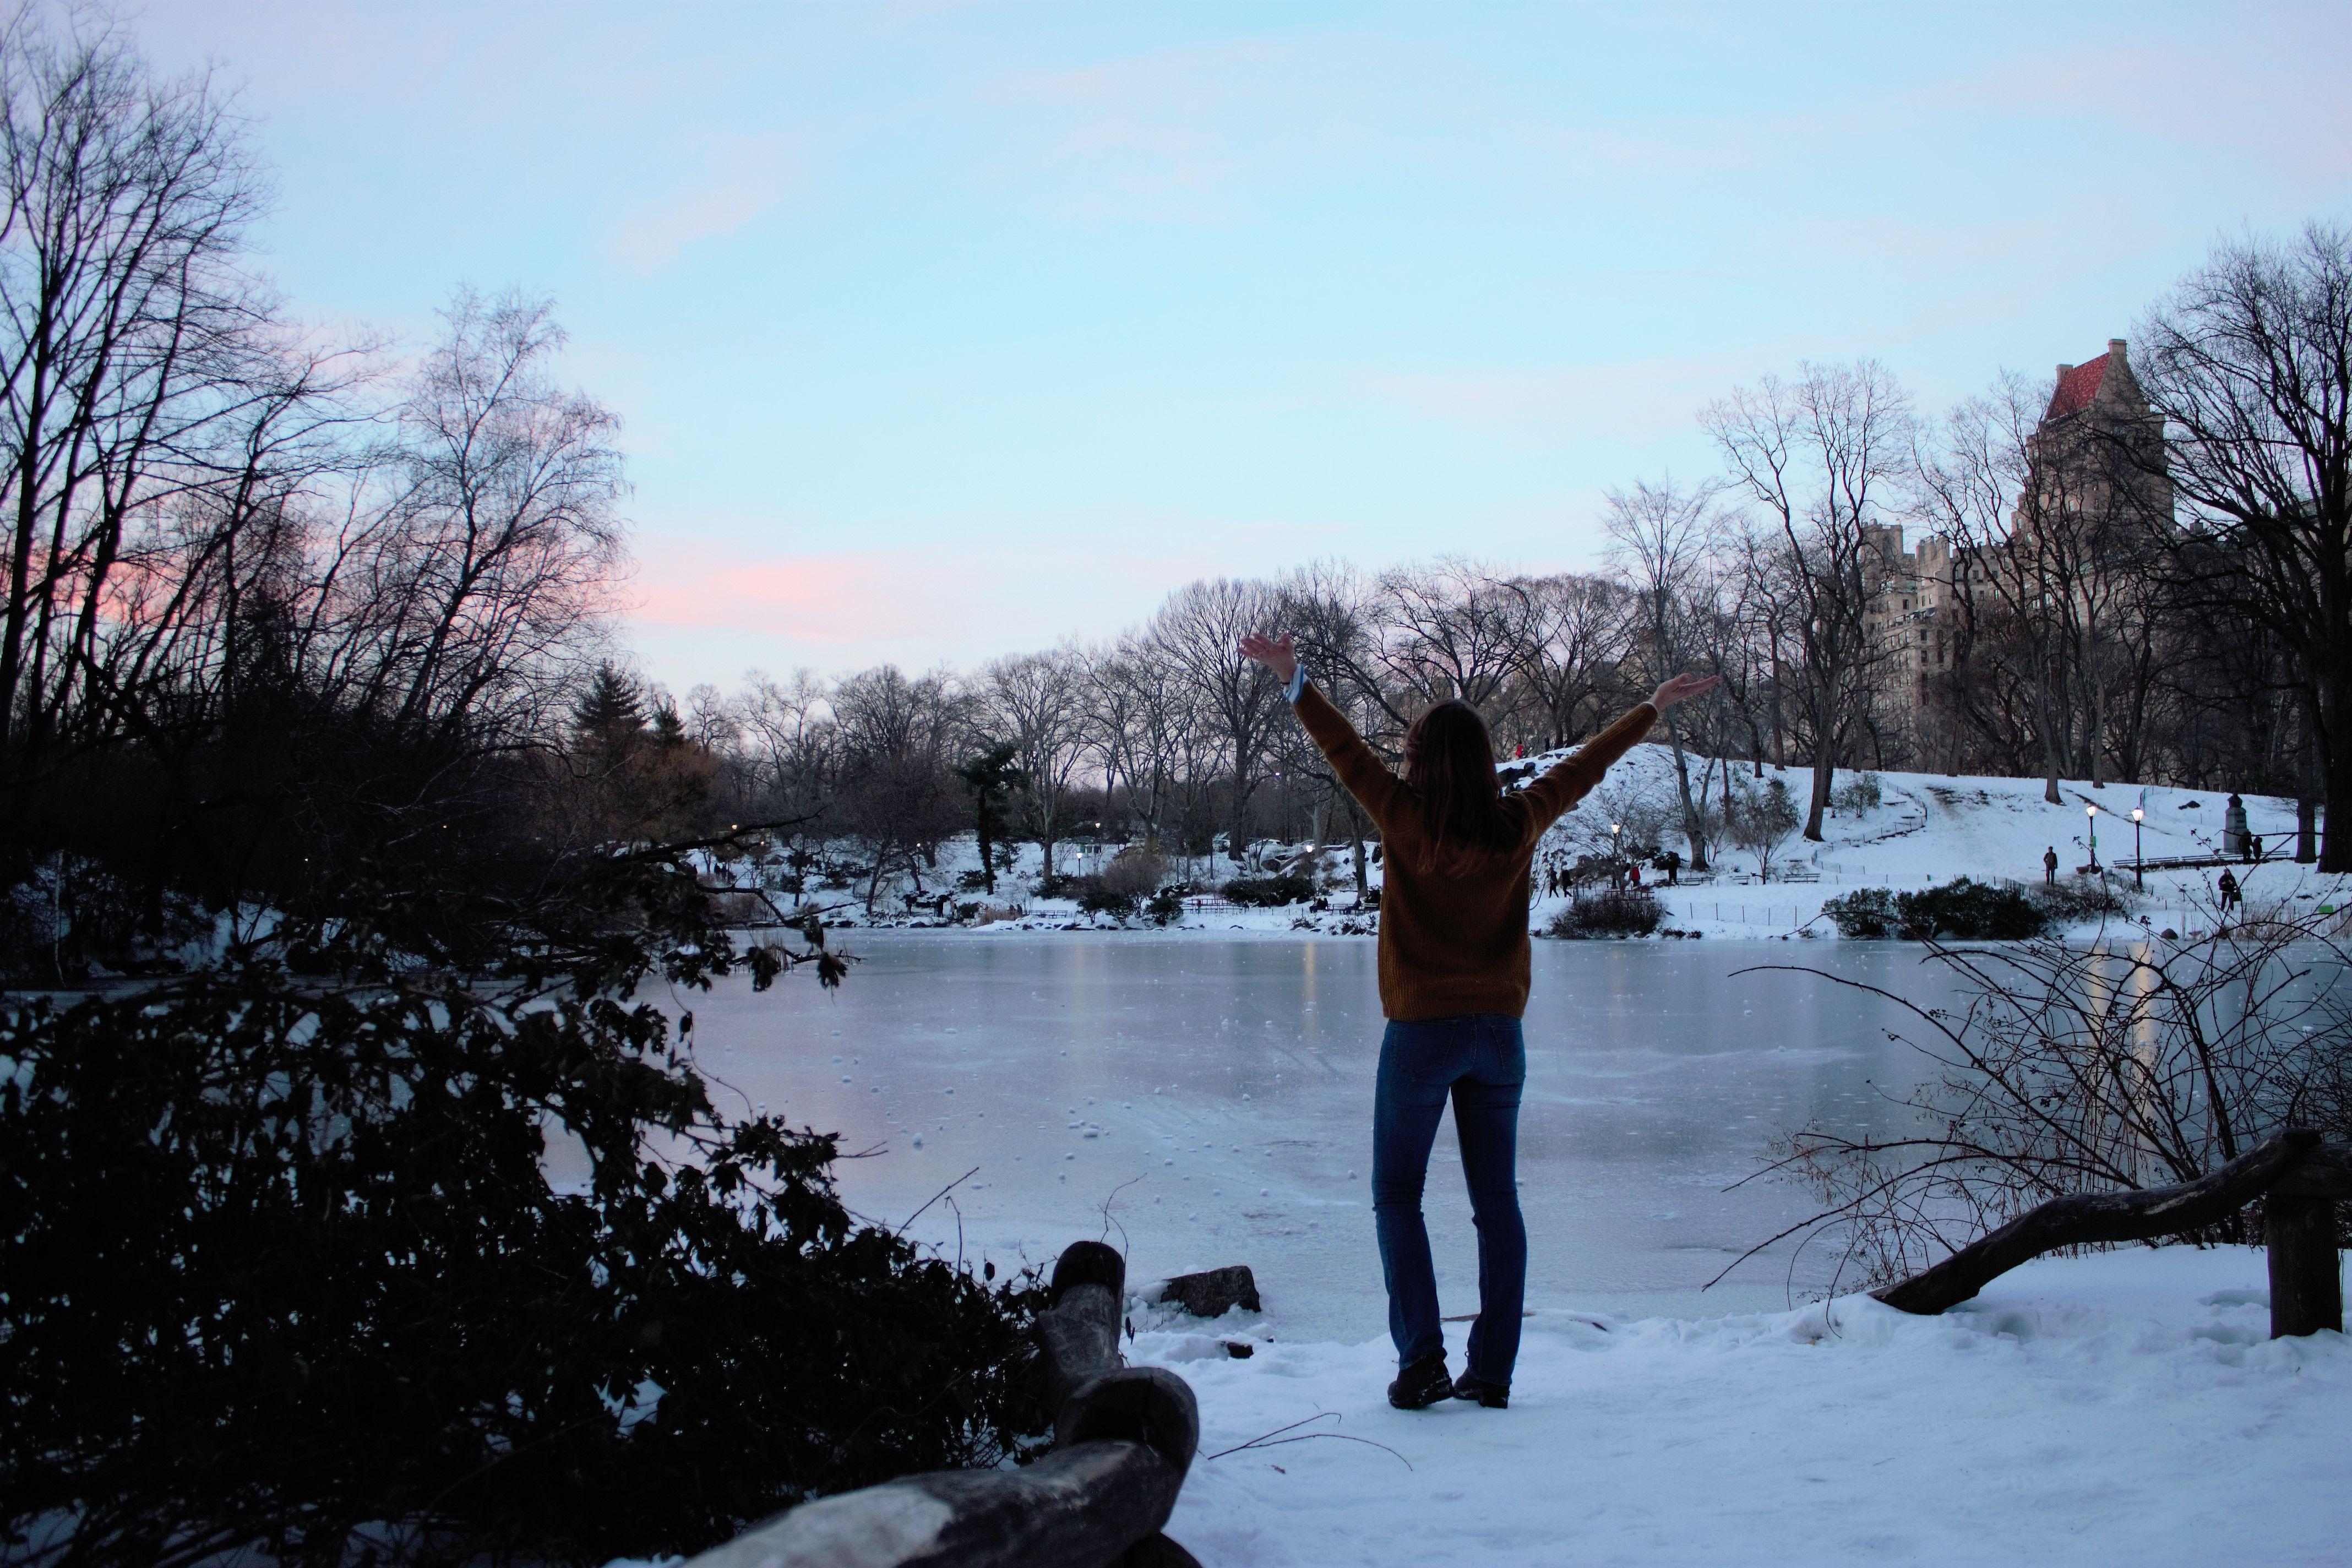 Nieve sobre Central Park. New York, El lago queda puro hielo. 16|03|2017